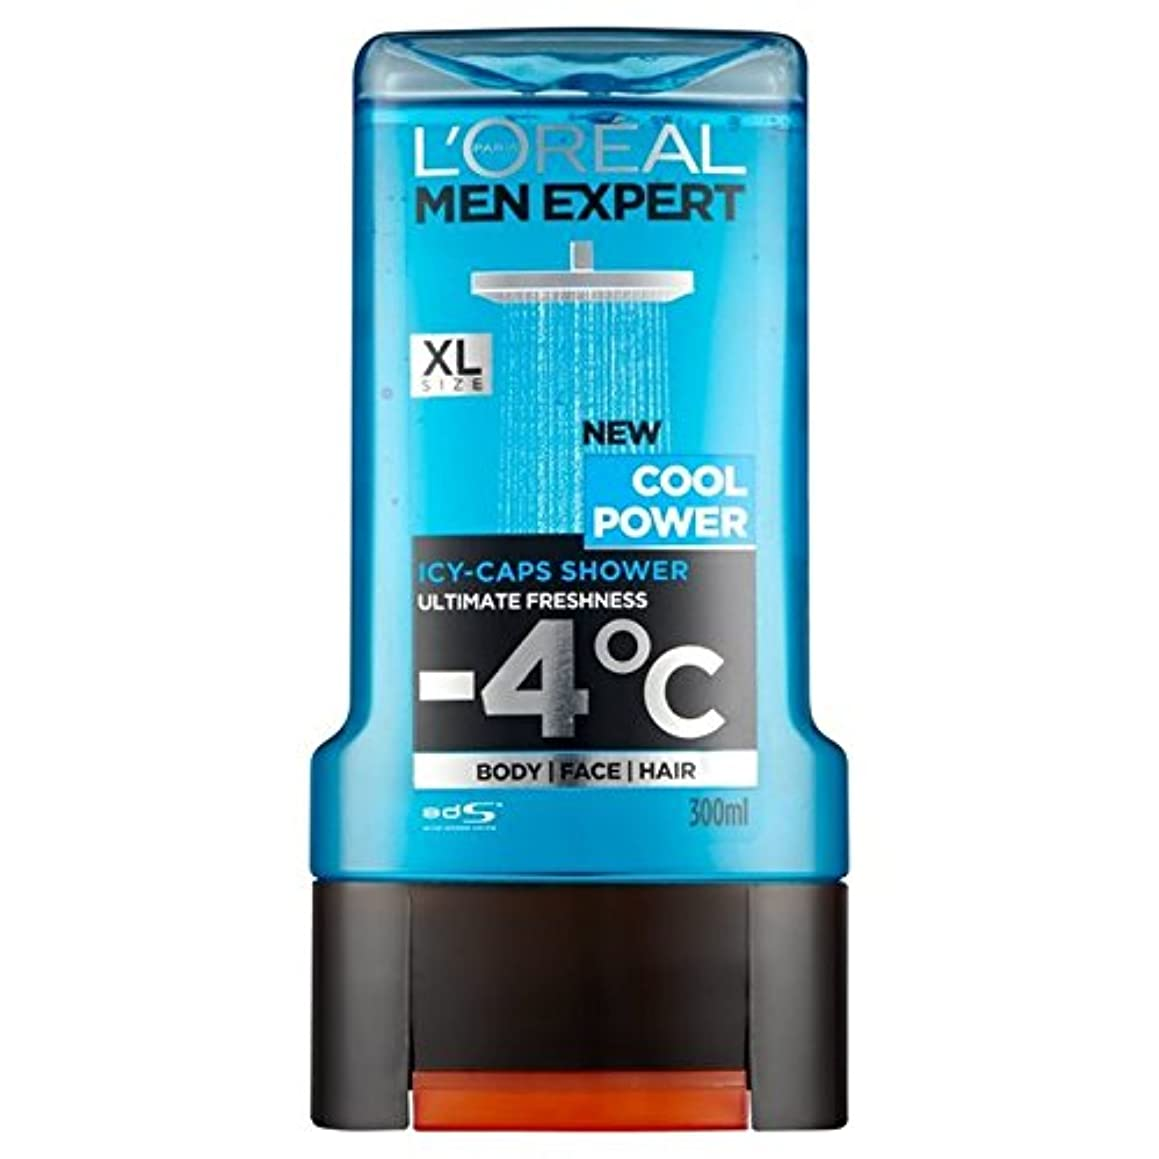 ナラーバー水分つかむロレアルパリの男性の専門家のクールなパワーシャワージェル300ミリリットル x4 - L'Oreal Paris Men Expert Cool Power Shower Gel 300ml (Pack of 4) [並行輸入品]